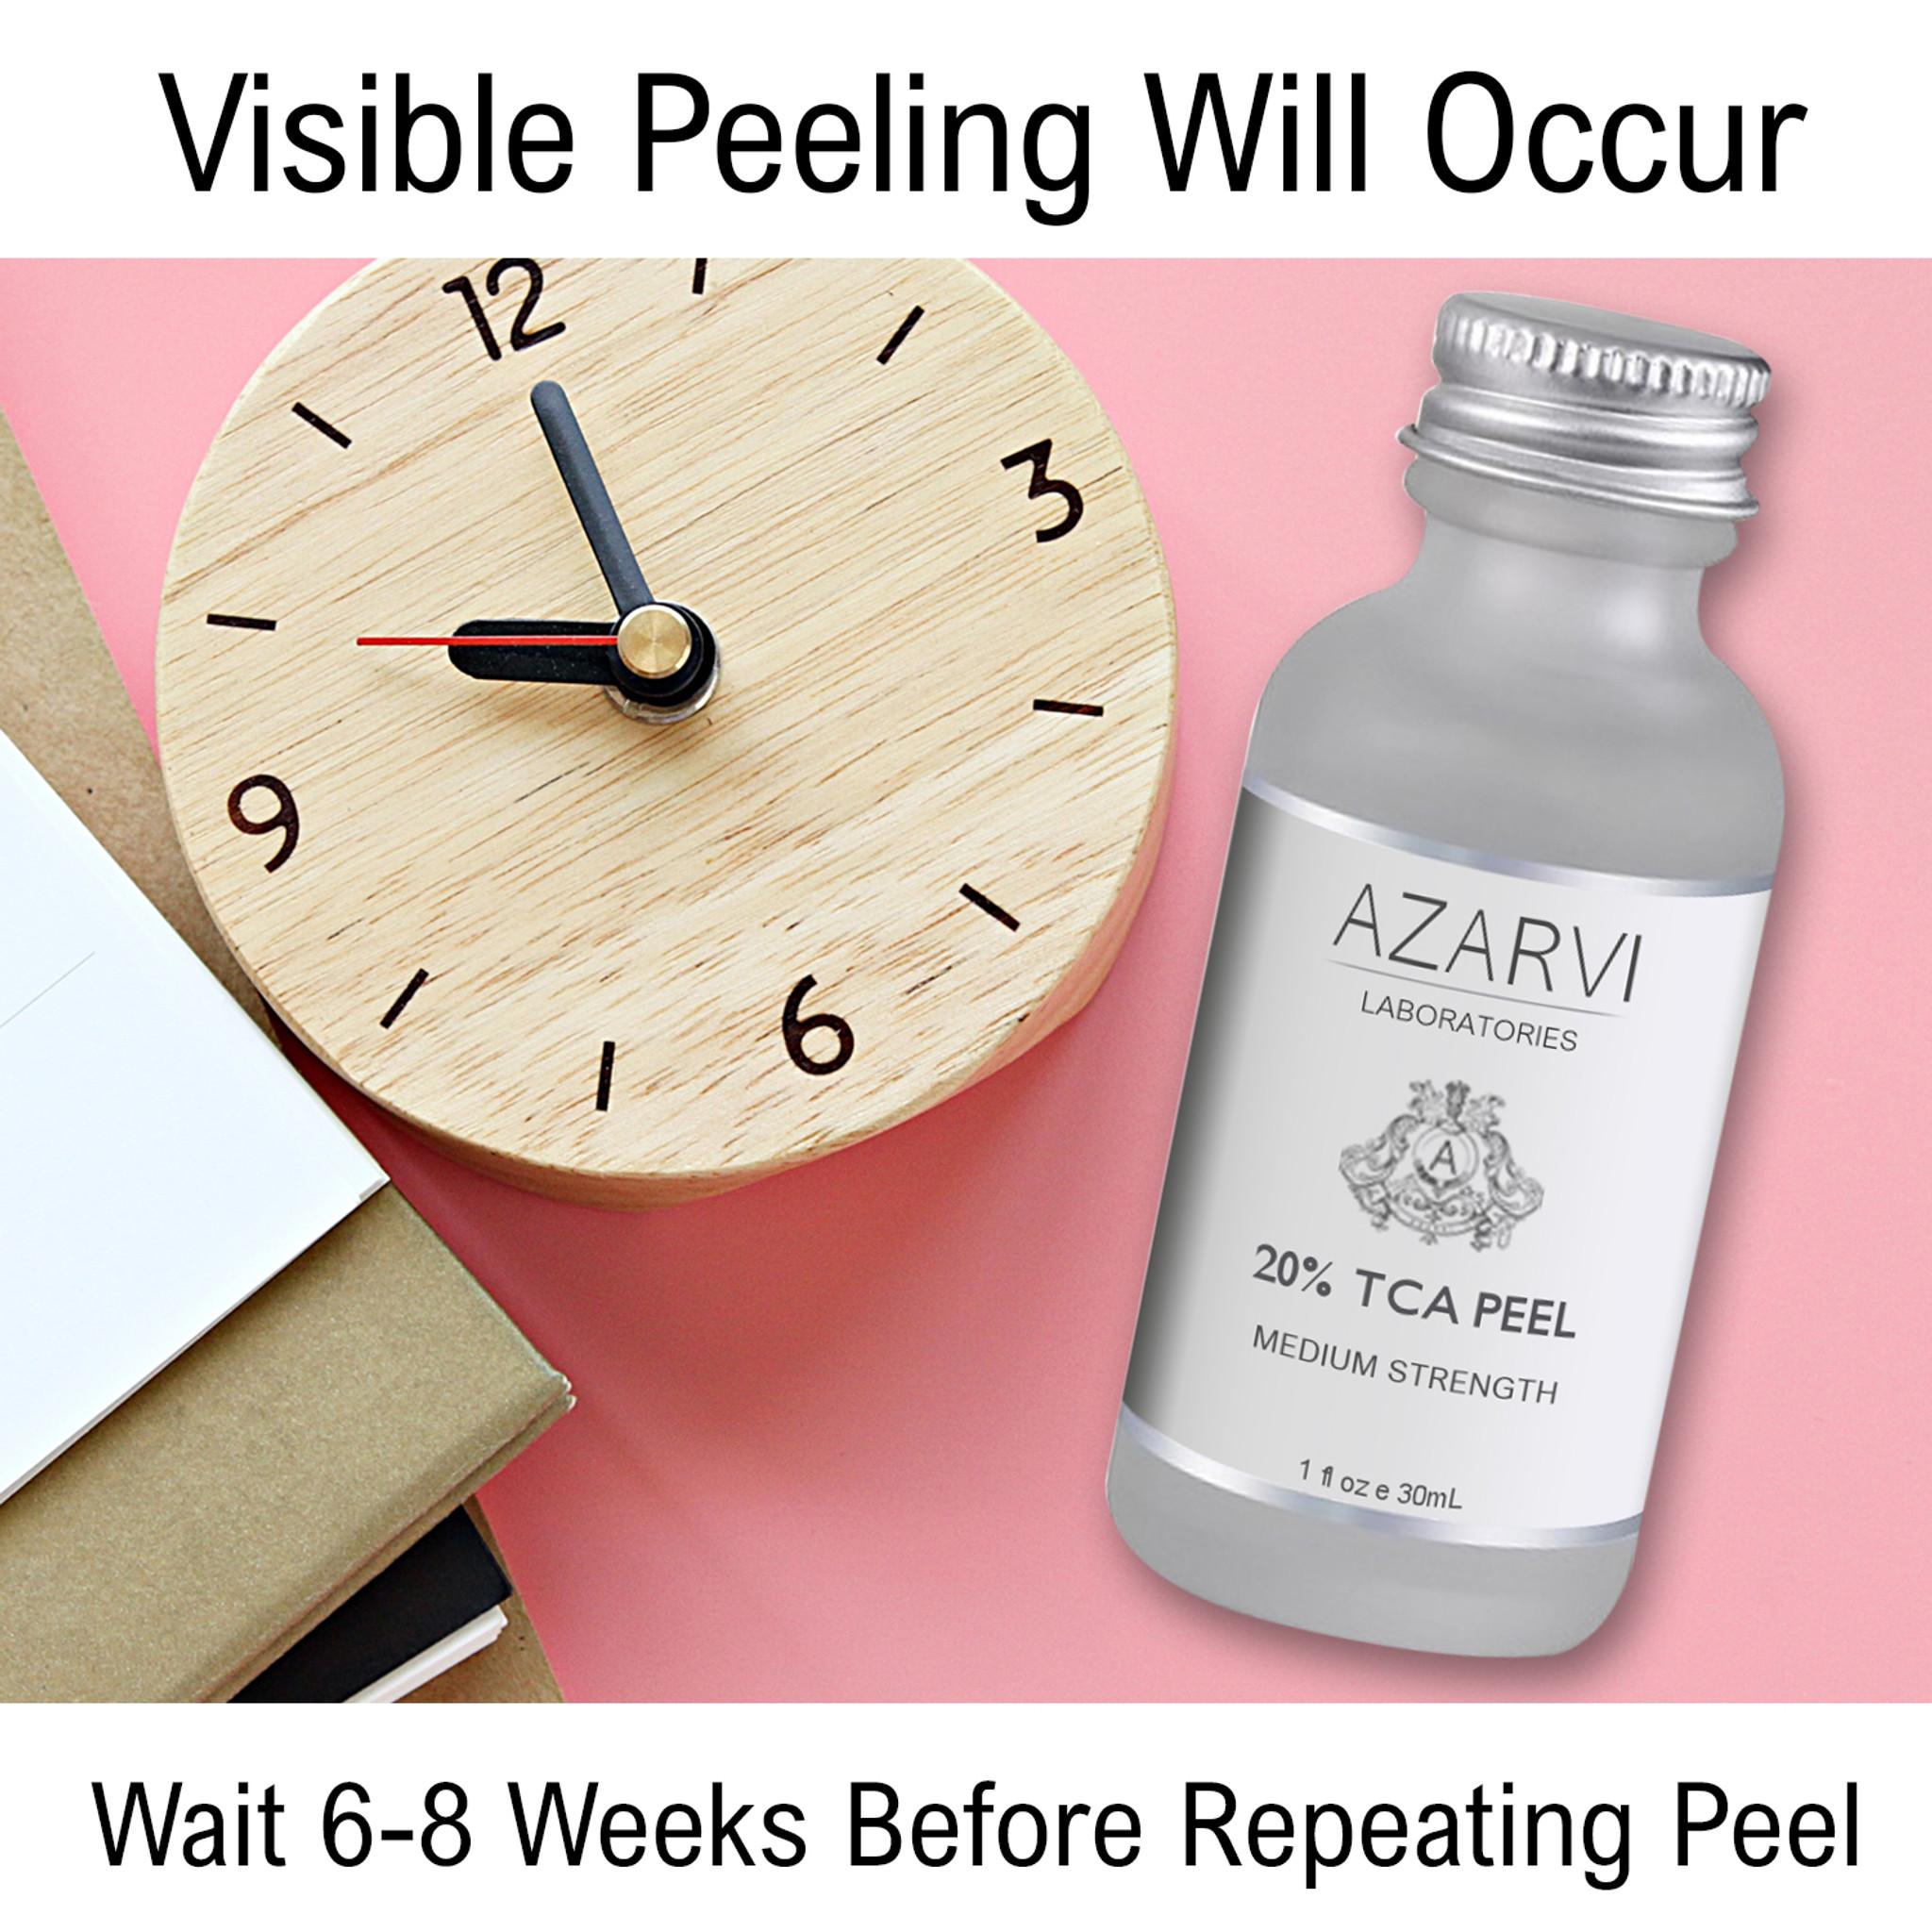 Azarvi 20% TCA Chemical Peel with Neutralizer